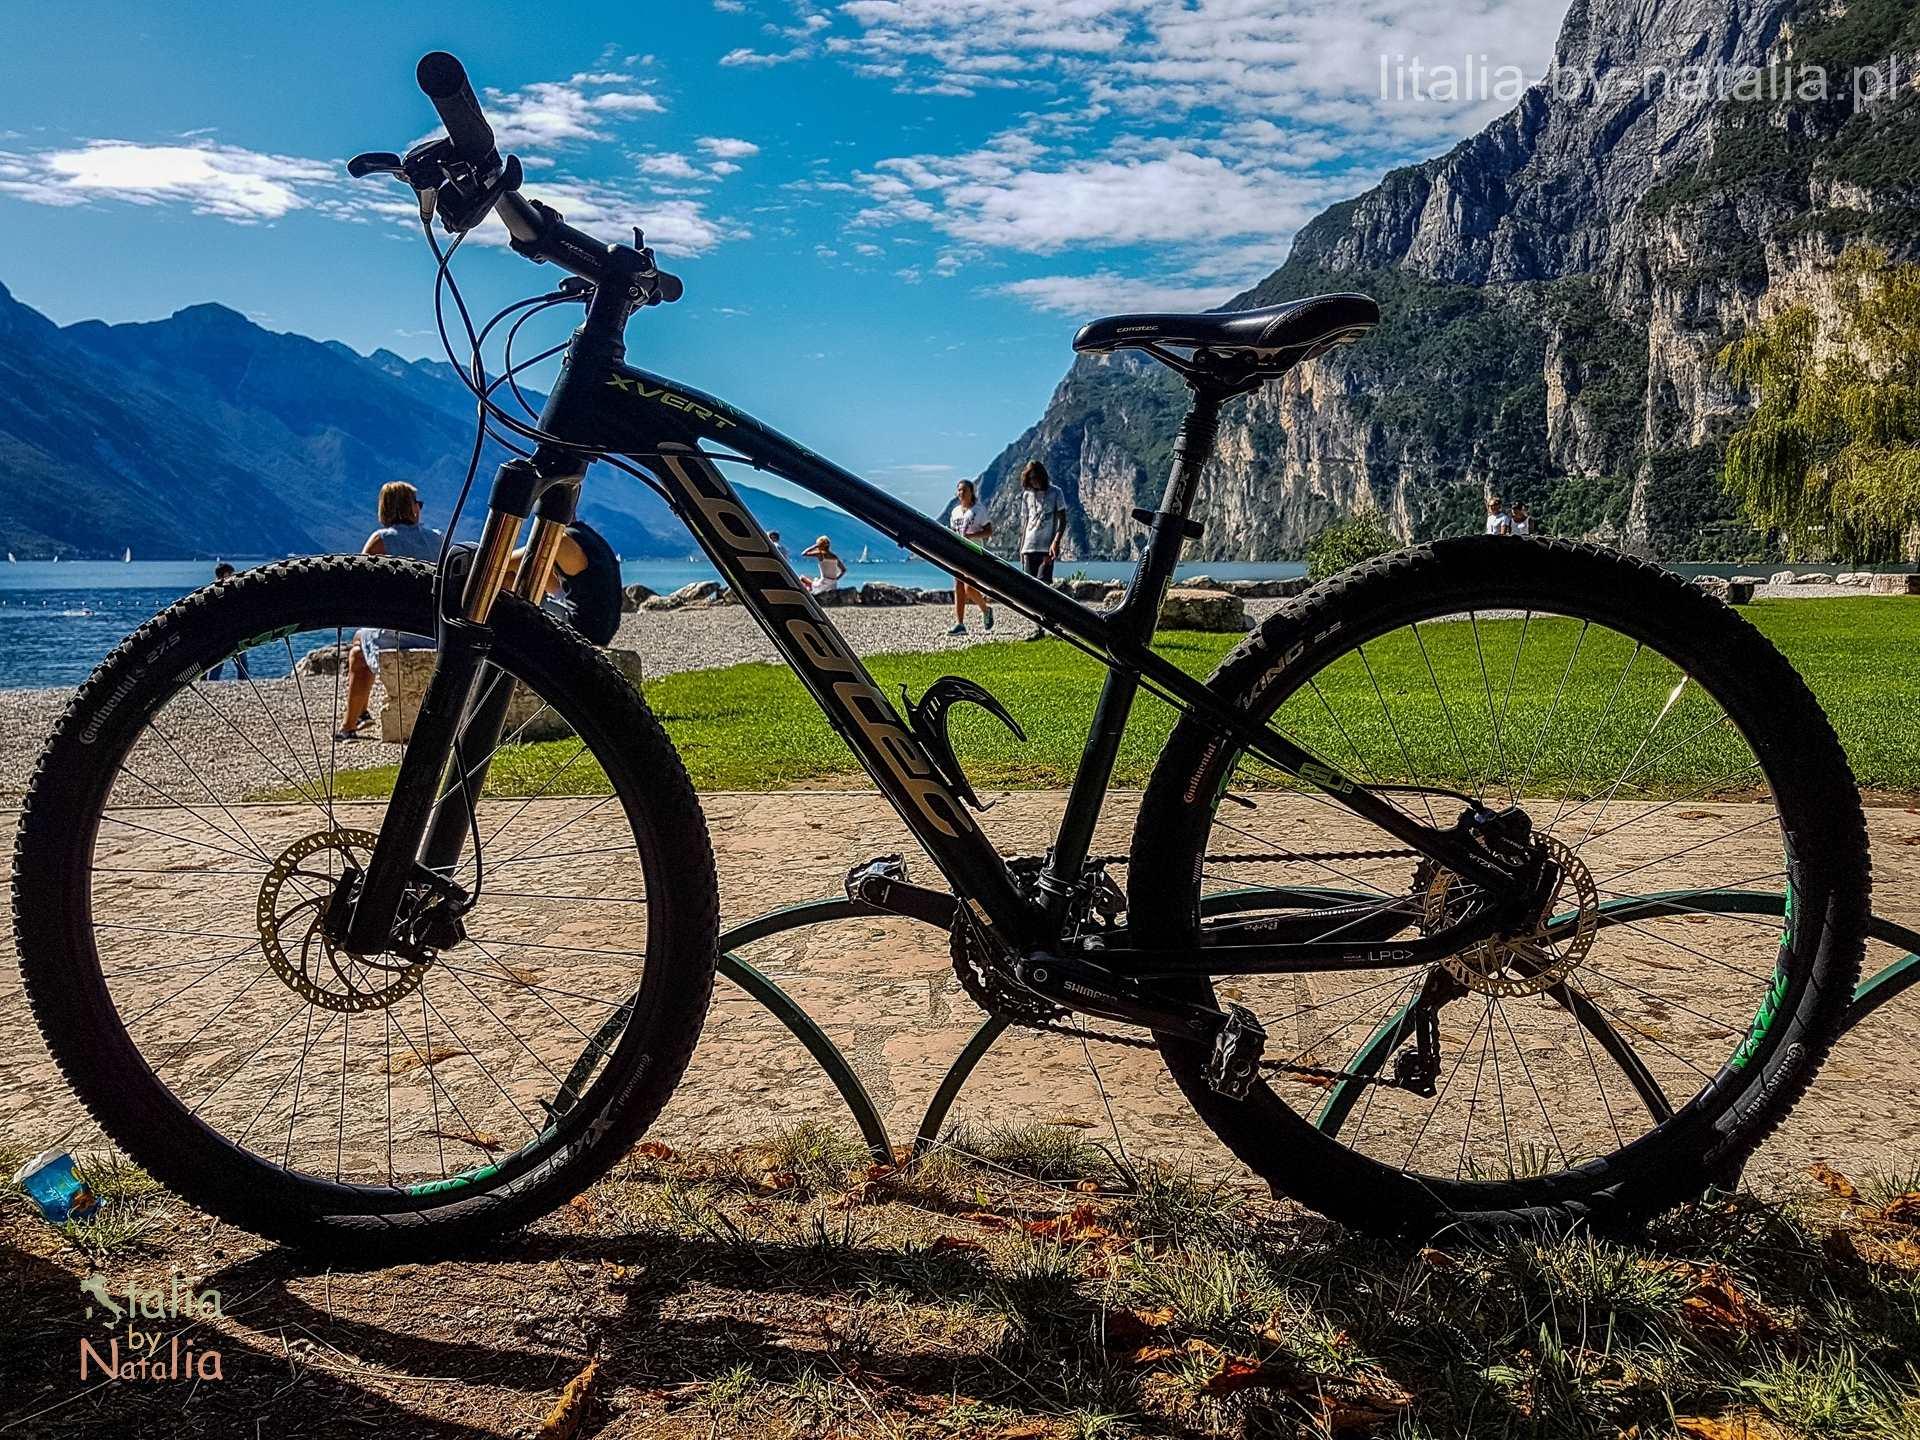 Jezioro Garda rowerem szlaki mapa ceny wynajmu gdzie wypożyczyć rower